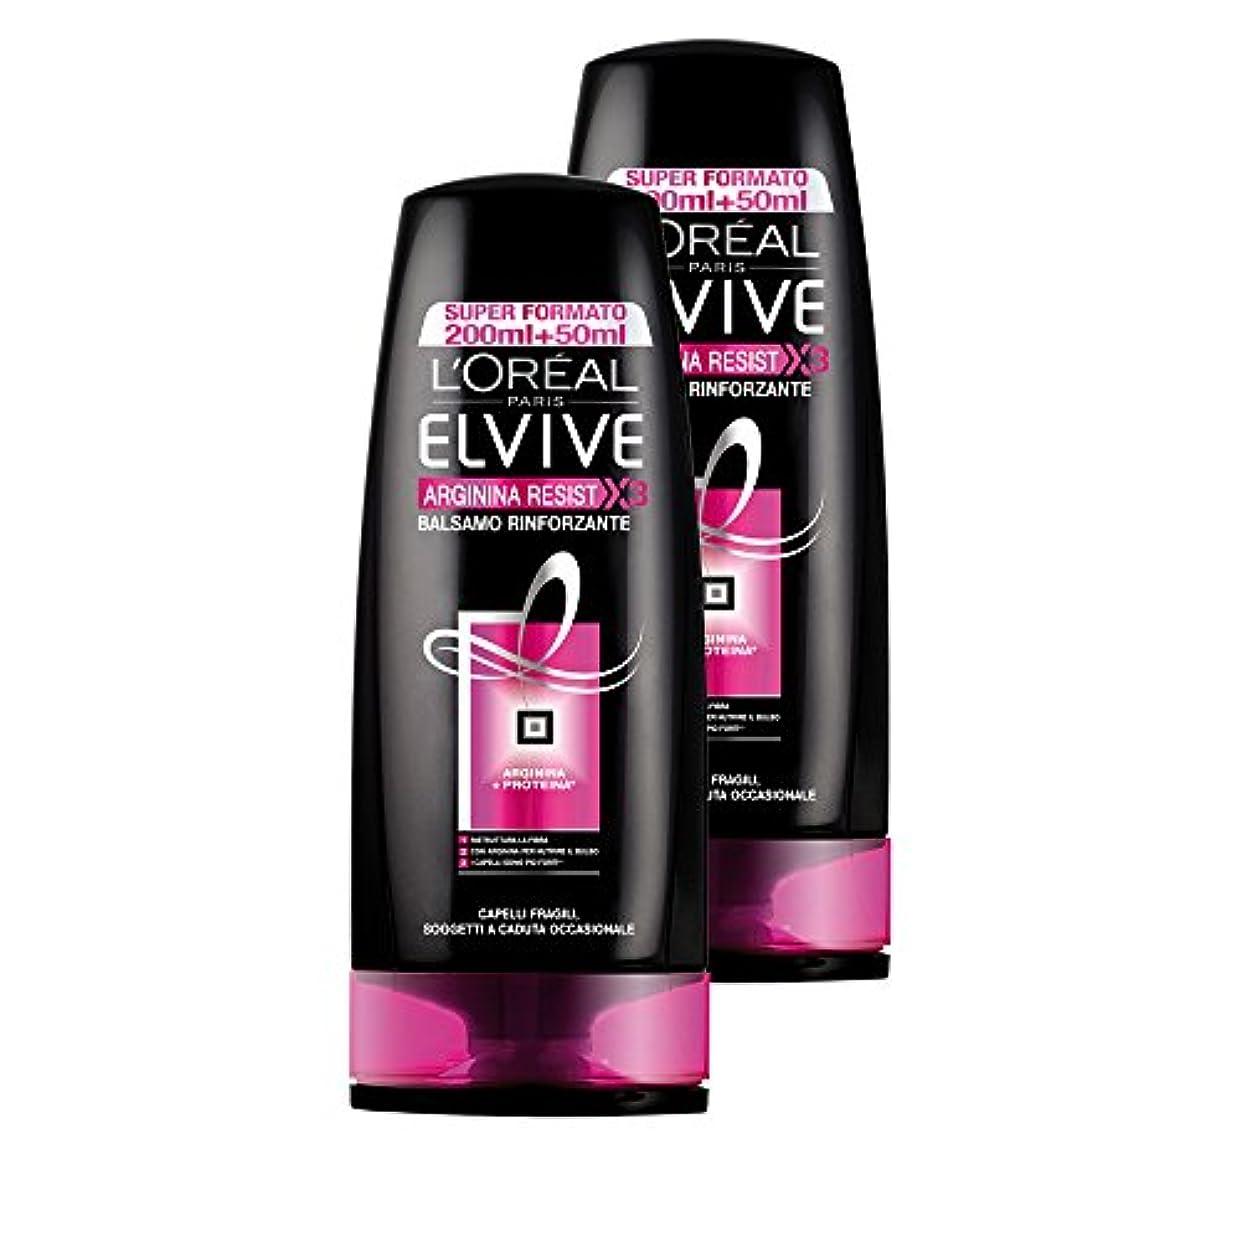 ブロック粘着性強打L 'OréalParis ElviveアルギニンレジストX3バームリンフォルザンテ、壊れやすい髪用、3パック2 x 250 ml、合計:1500 ml